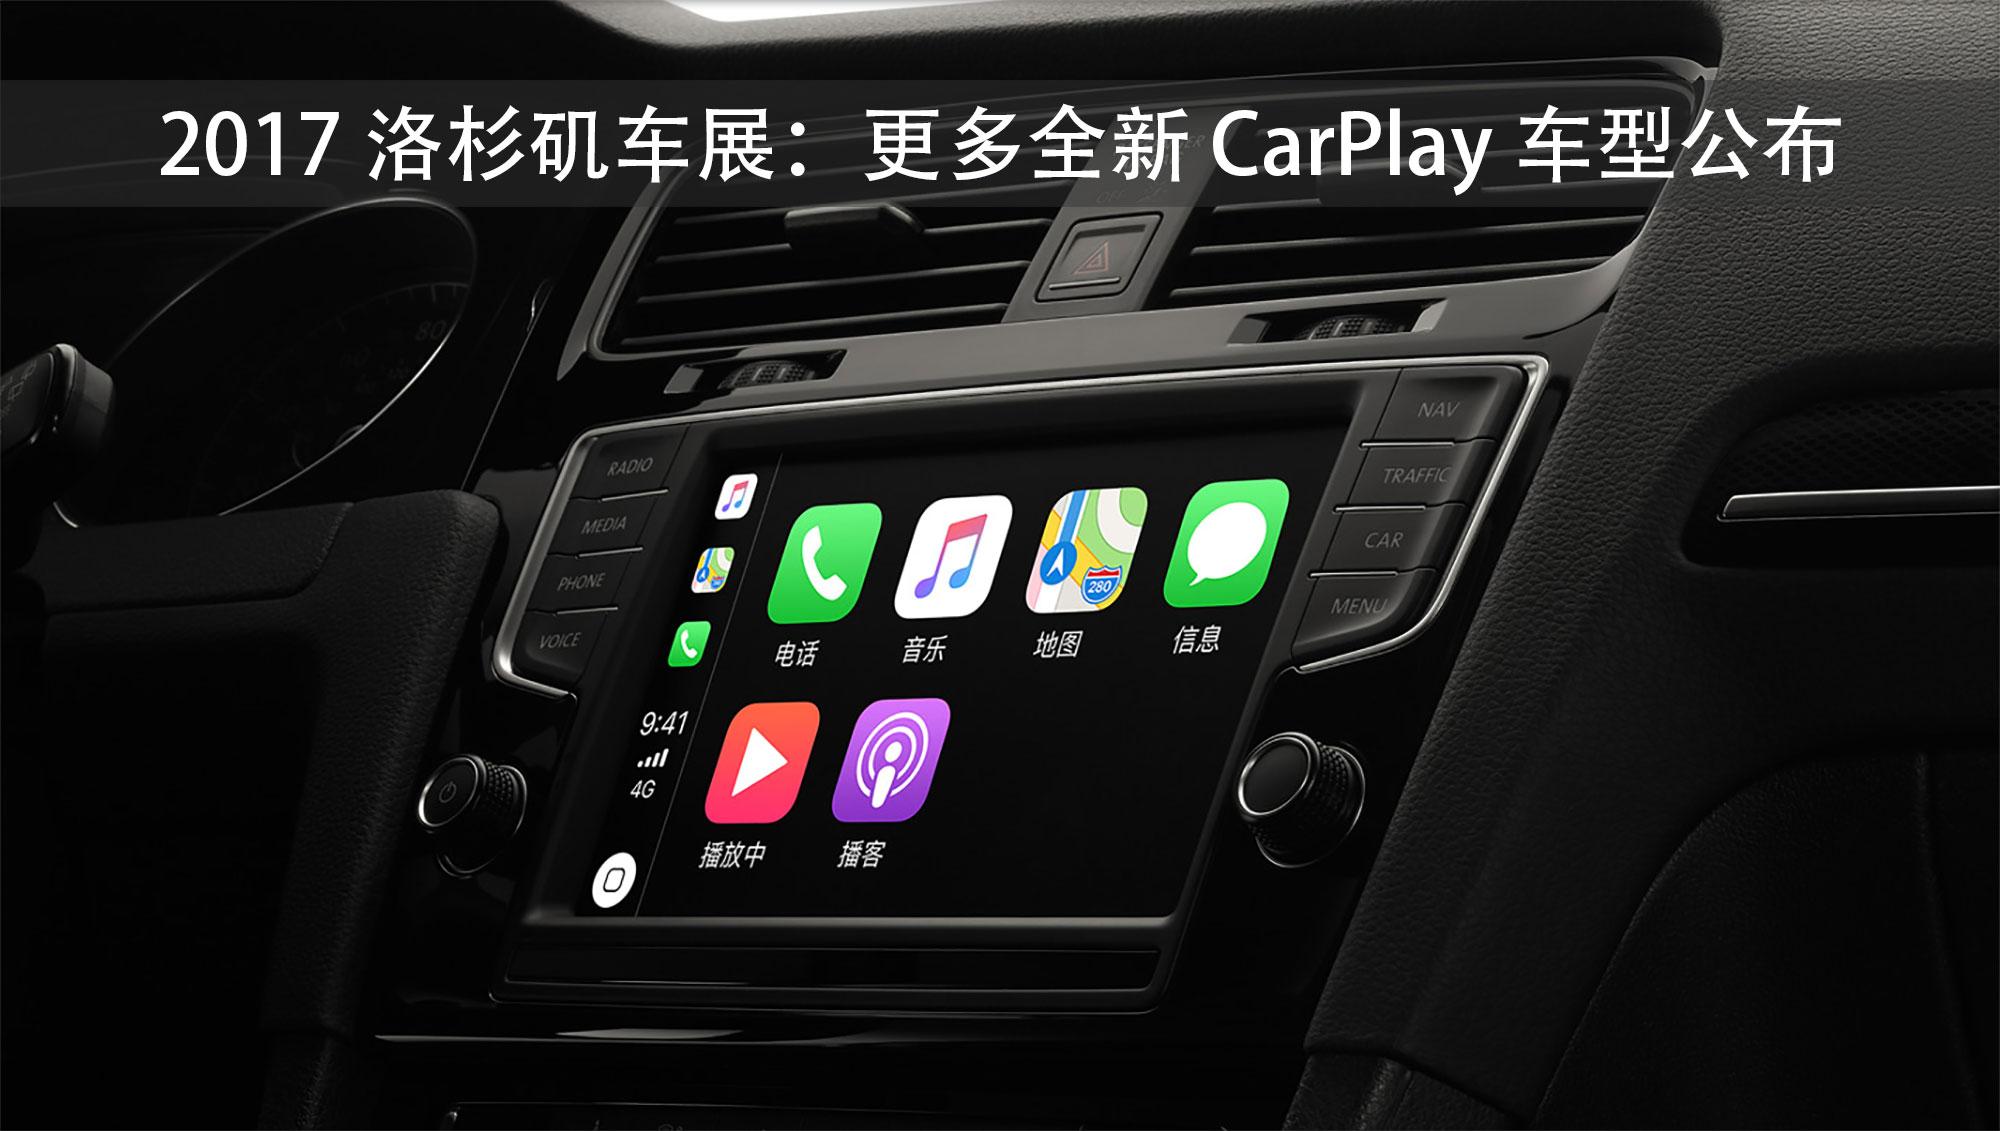 2017 洛杉矶车展:更多全新 CarPlay 车型公布-金融微周刊